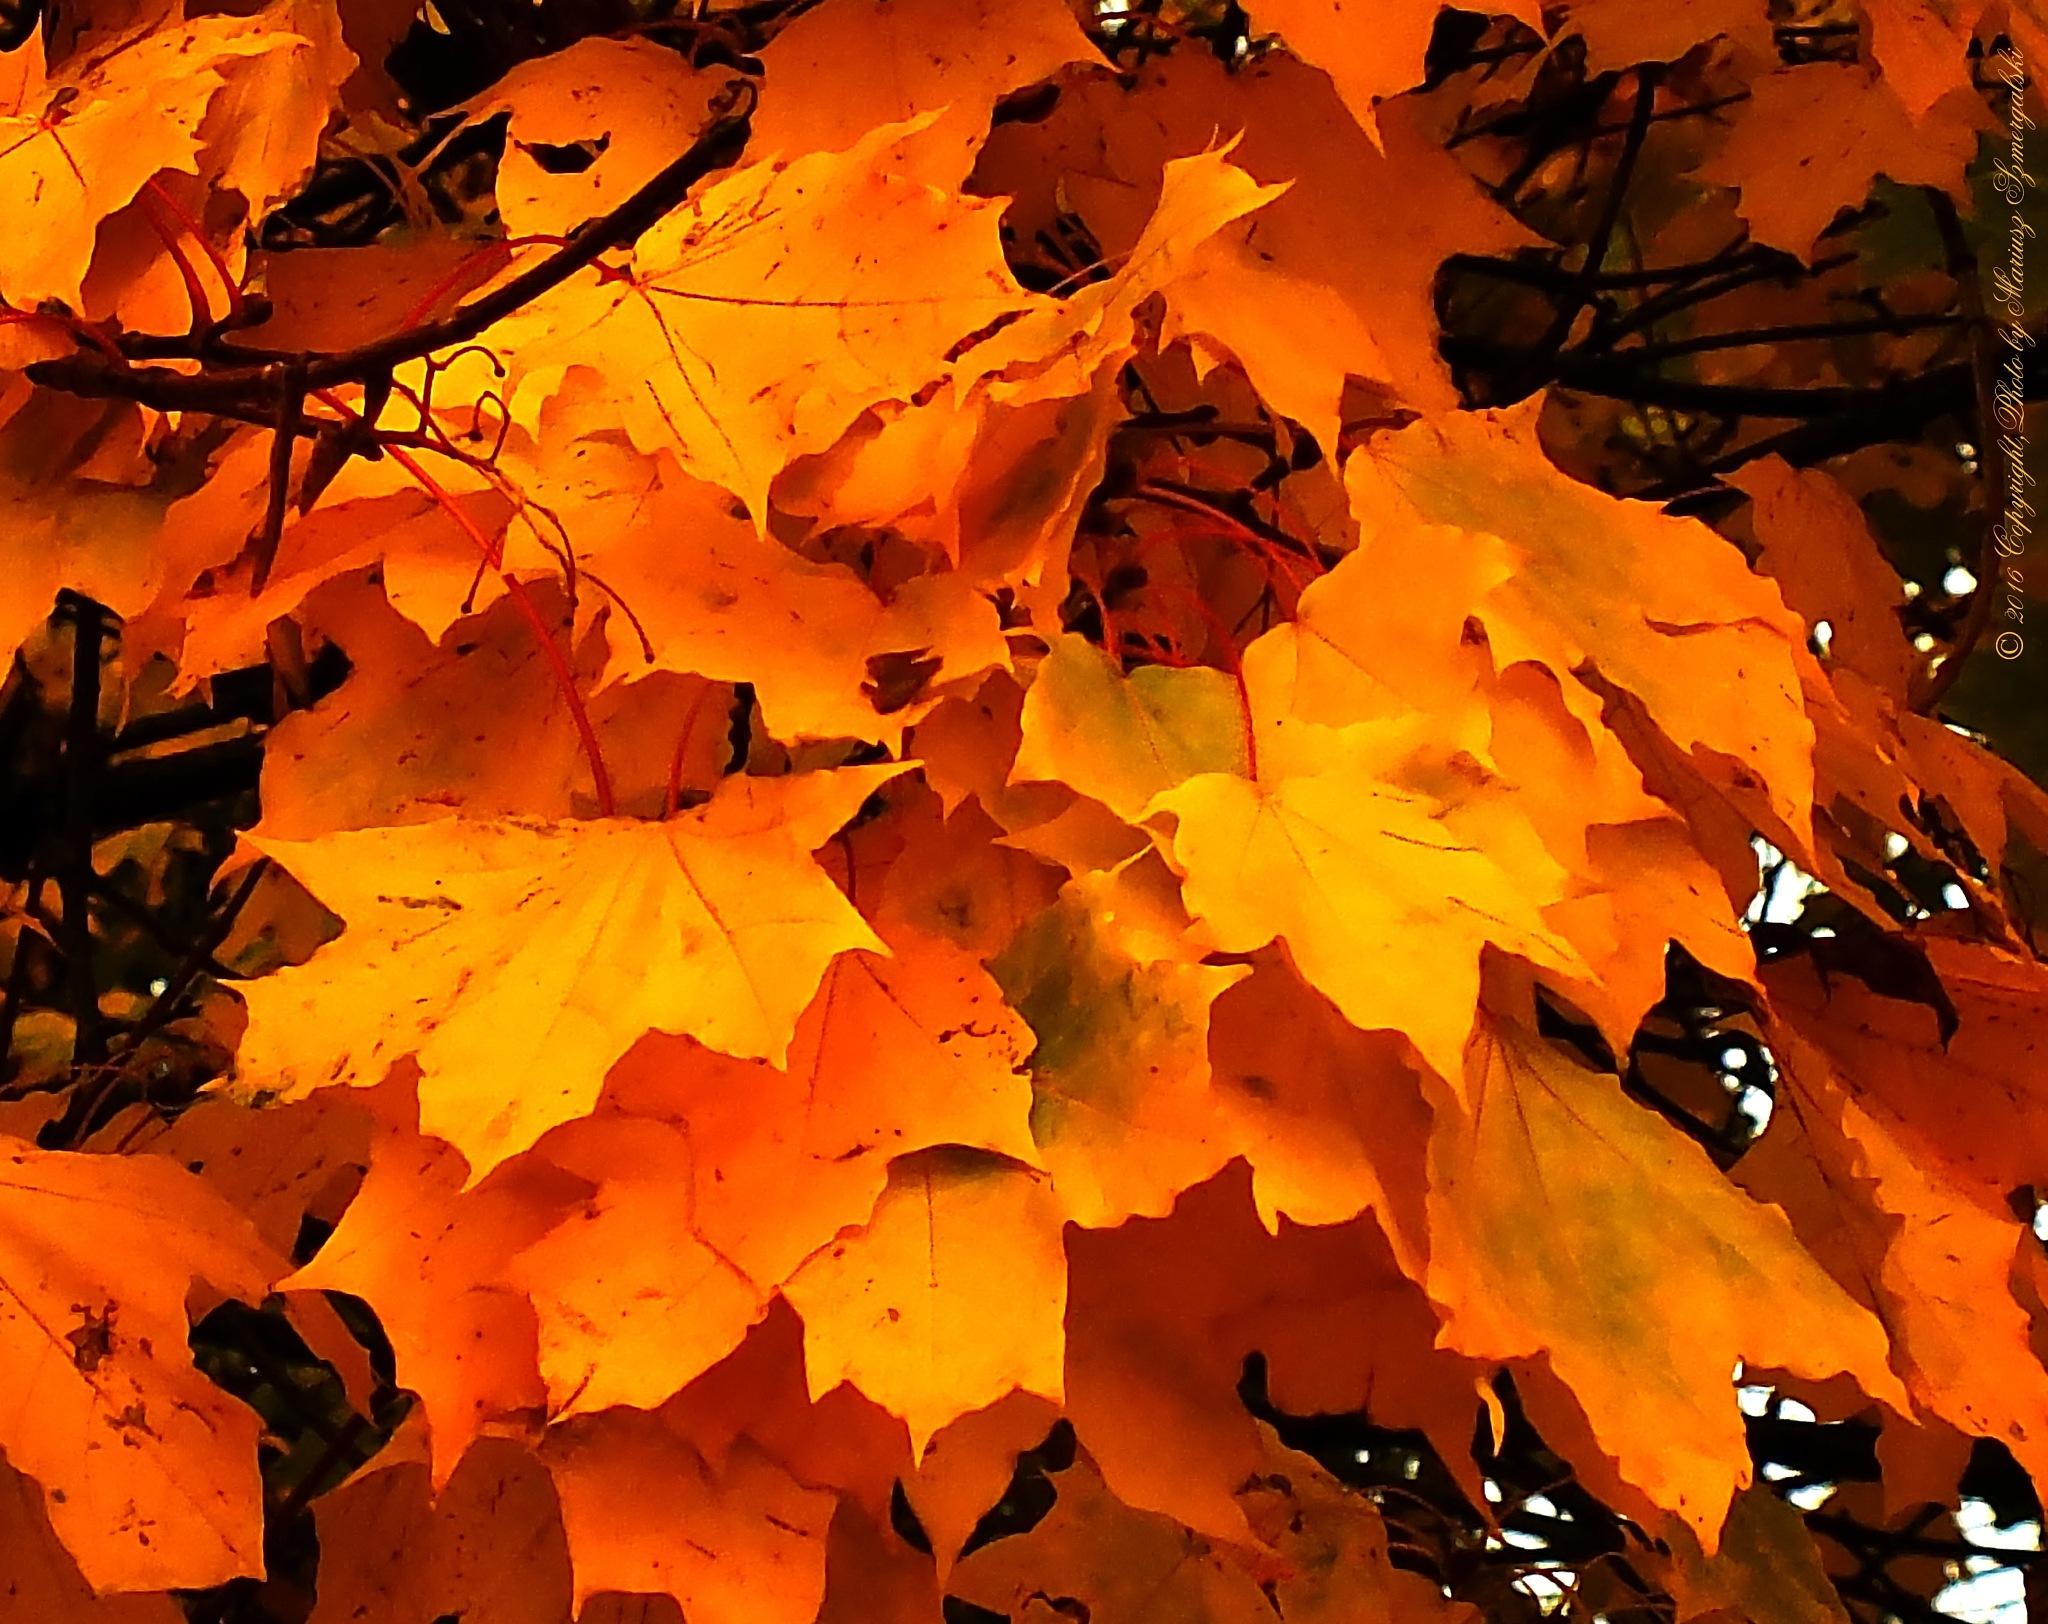 Autumn gold. by jon.rambo.37819